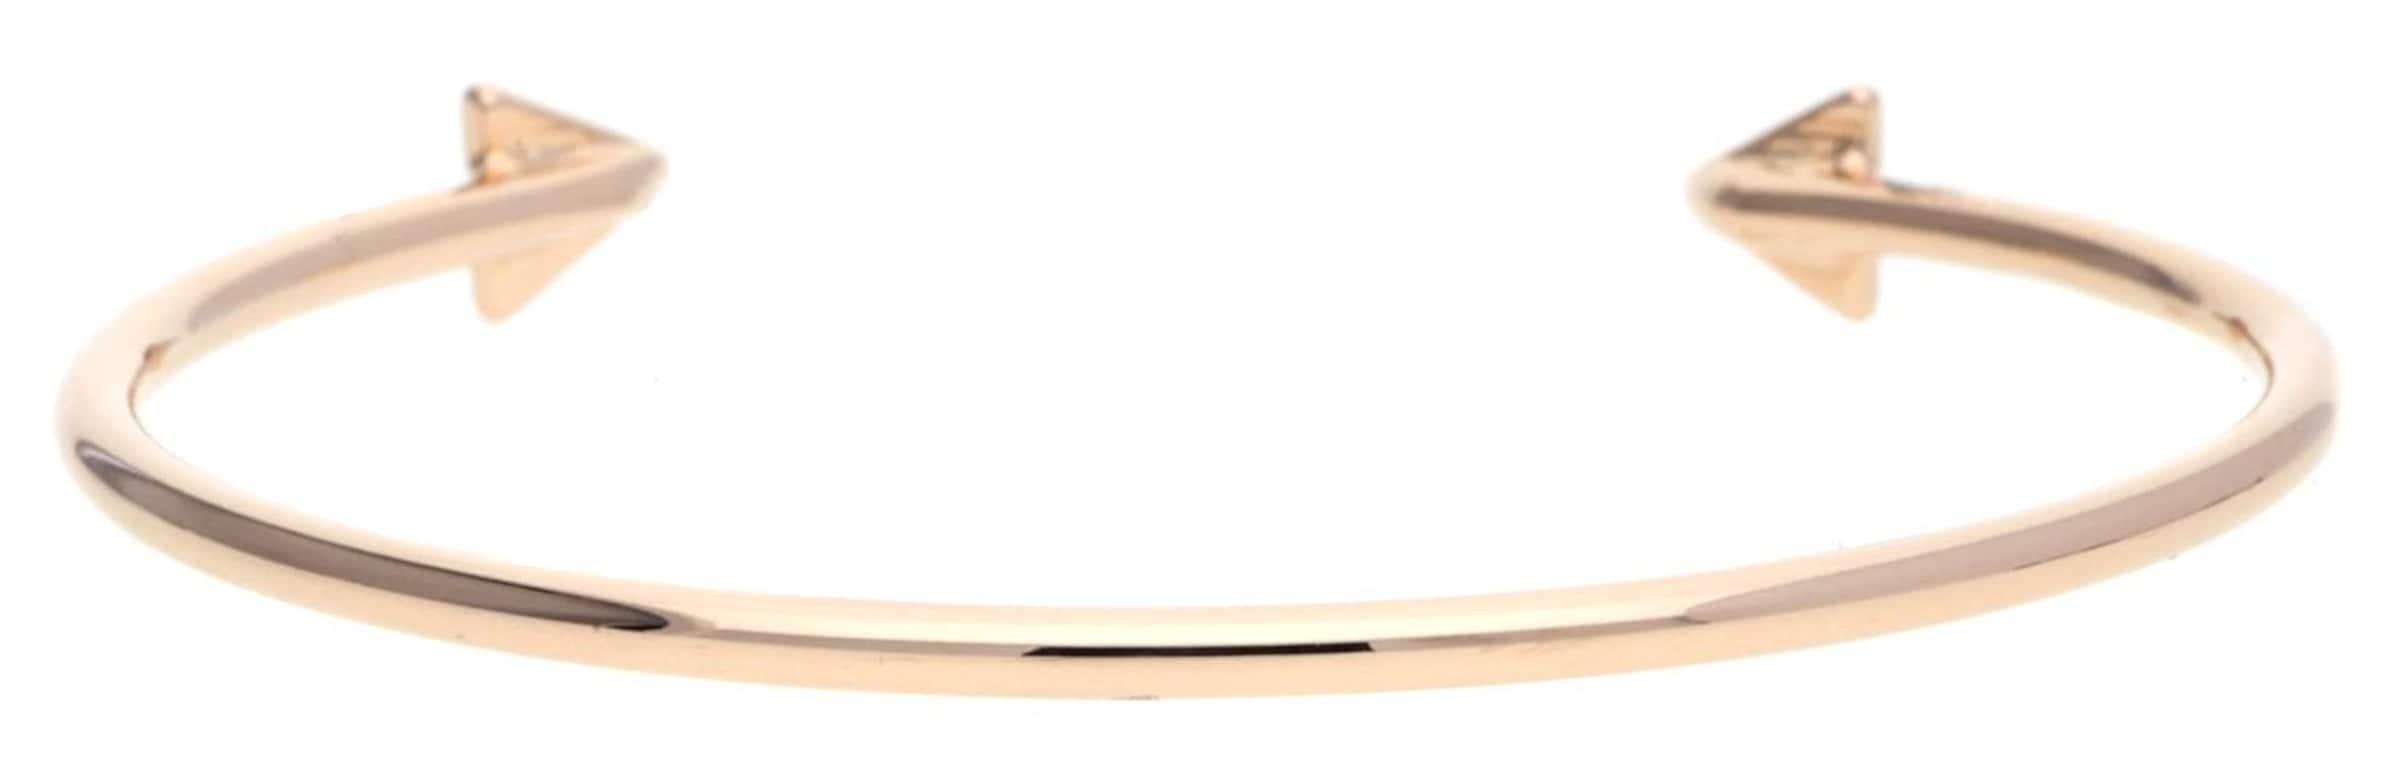 ESPRIT Armspange mit Strasssteinen Qualität Frei Versandstelle Online Speichern Wo Billige Echte Kaufen Extrem Günstig Online Rabatt Nicekicks huxZtFO